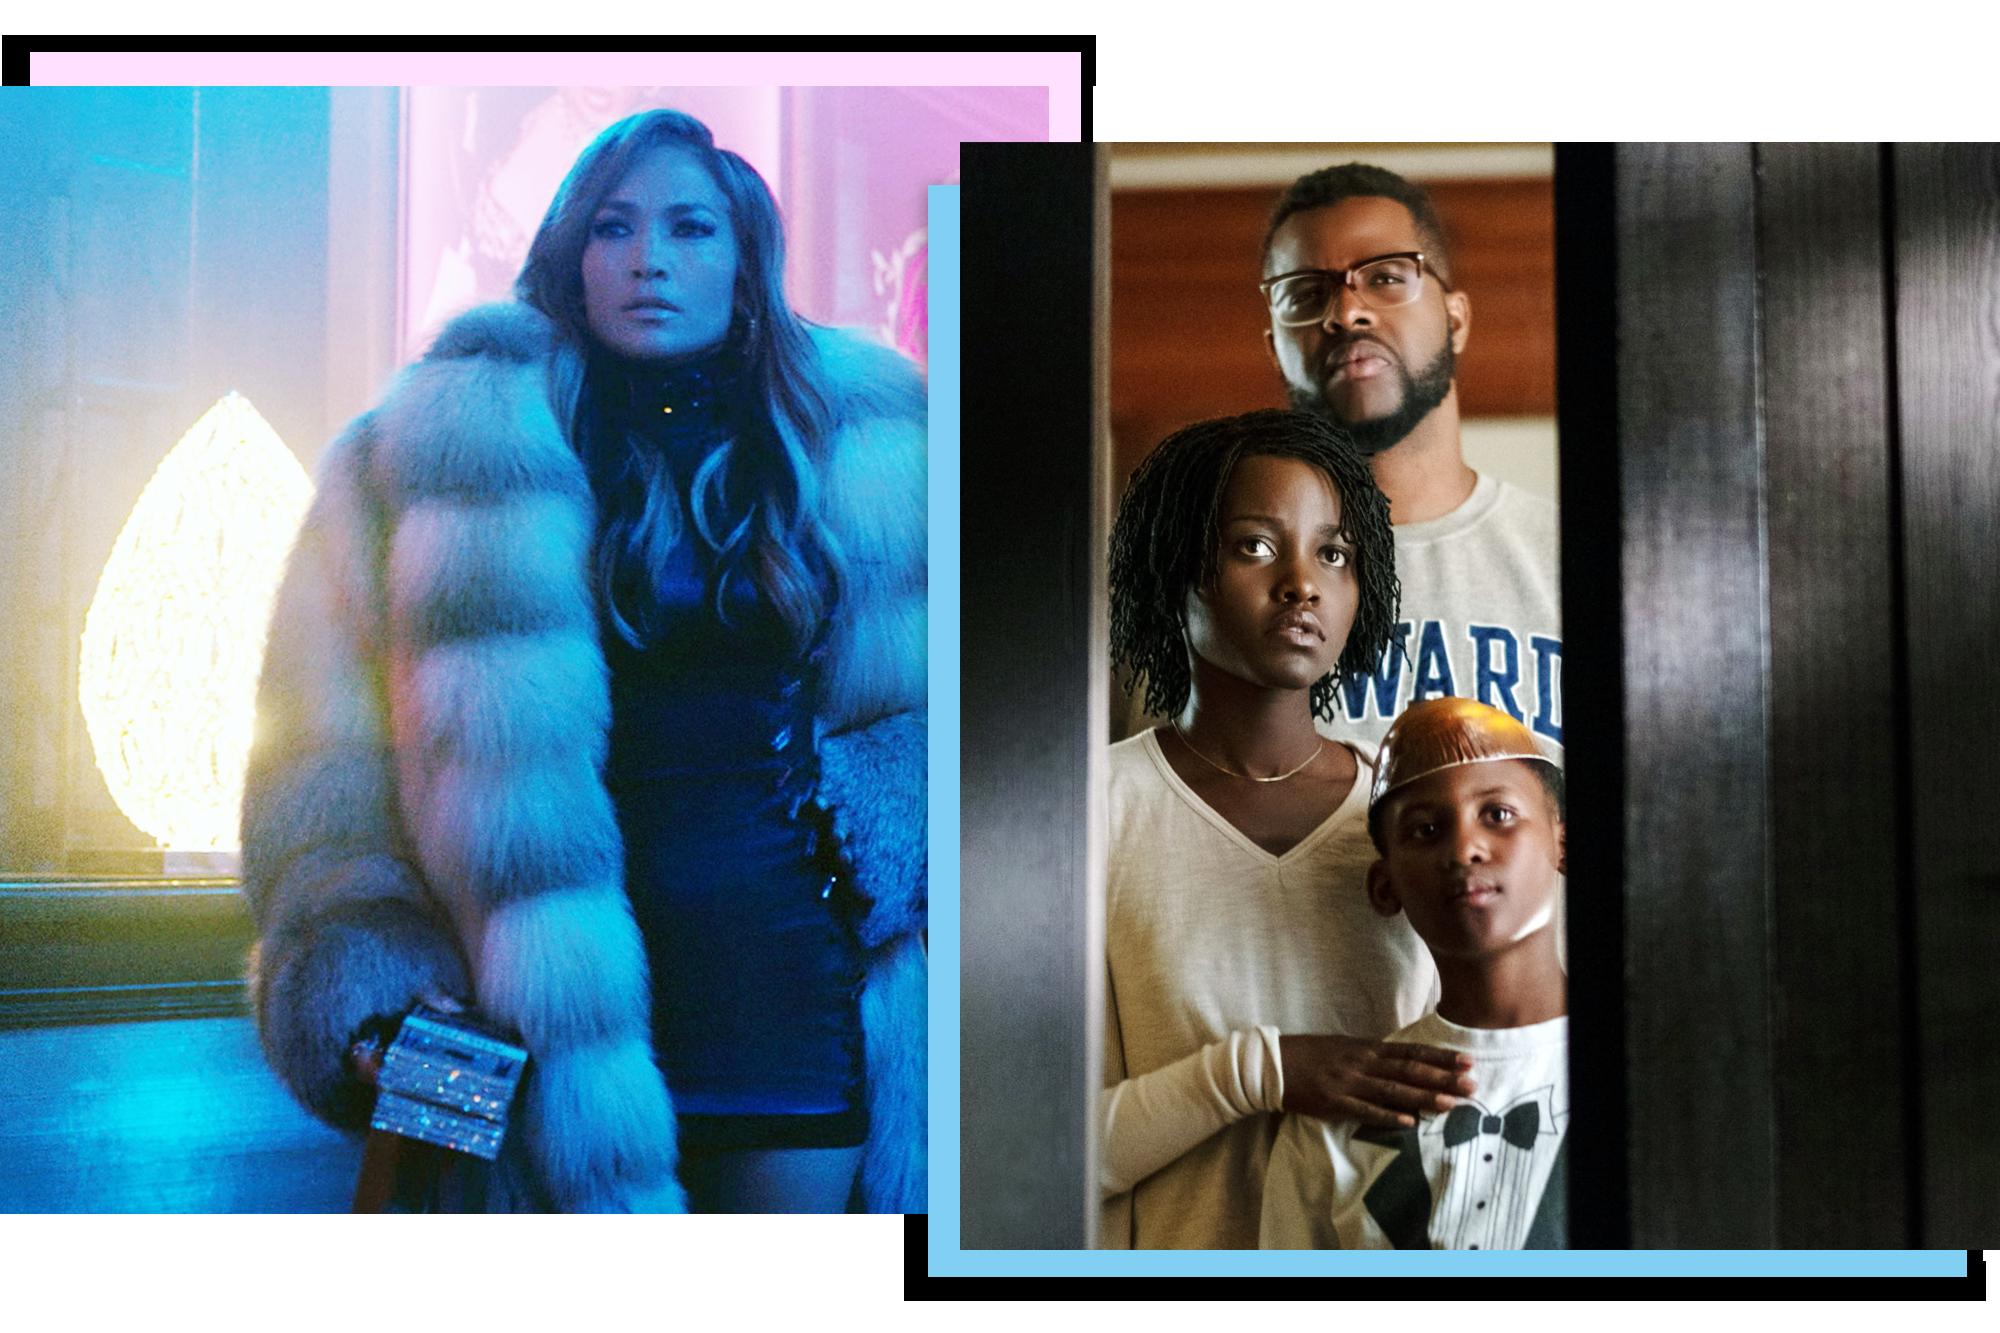 در ادامه این مطلب قصد داریم شما را با فیلم ها، کارگردانان و بازیگرانی که حضور یا عدم حضور نام آن ها در فهرست نامزدهای نهایی اسکار 2020 جنجالی شده آشنا کنیم.